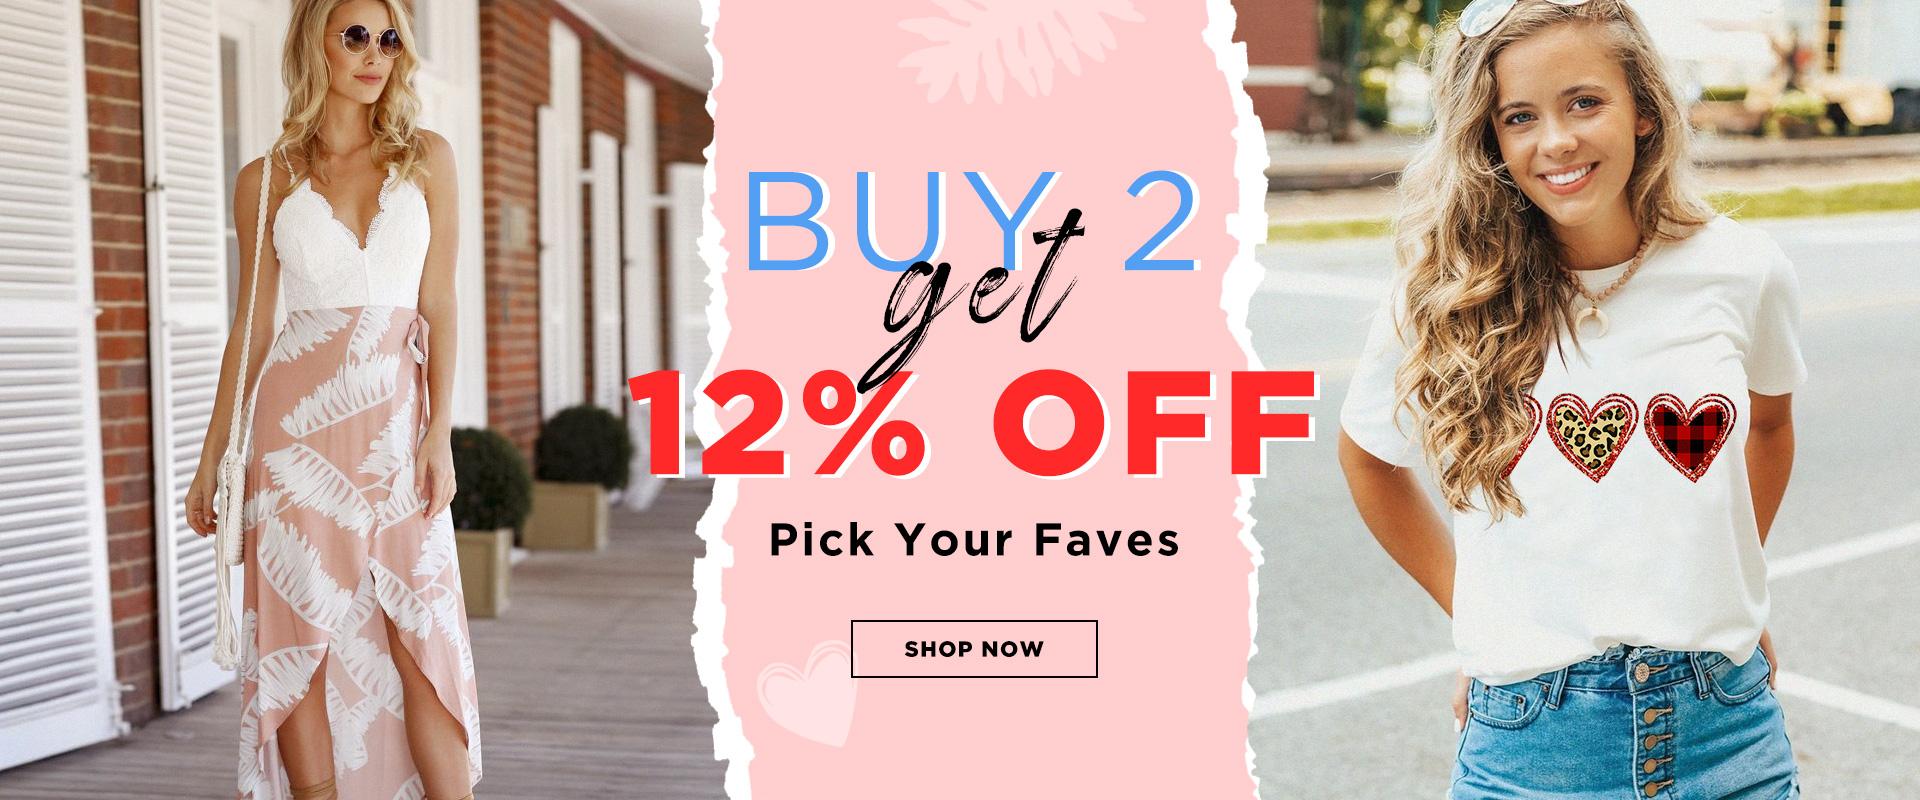 Buy 2 Get 12% Off